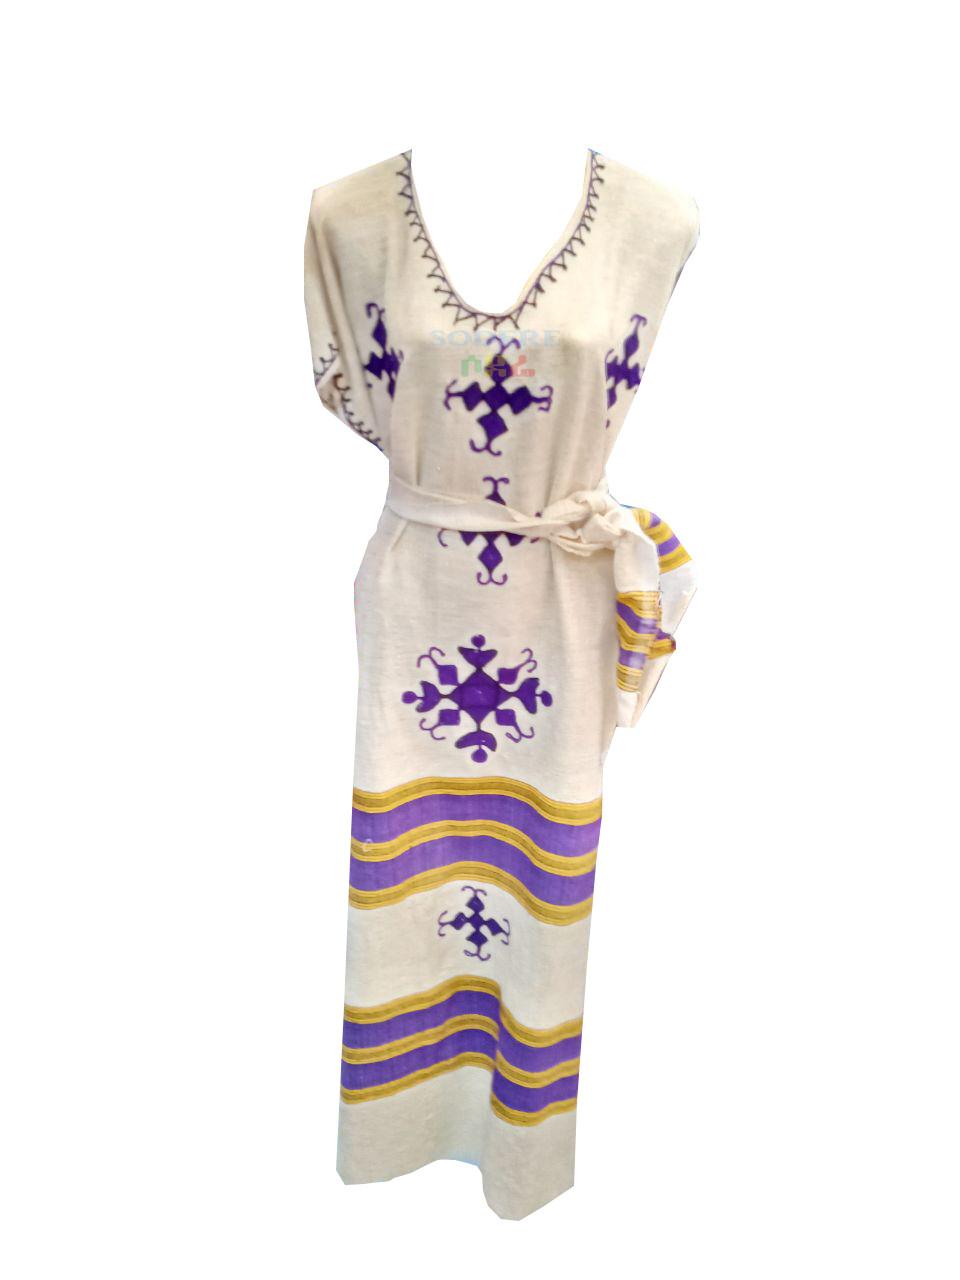 ረዘም ያለ የሀበሻ ልብስ  Ethiopian Traditional Long Dress/ free size